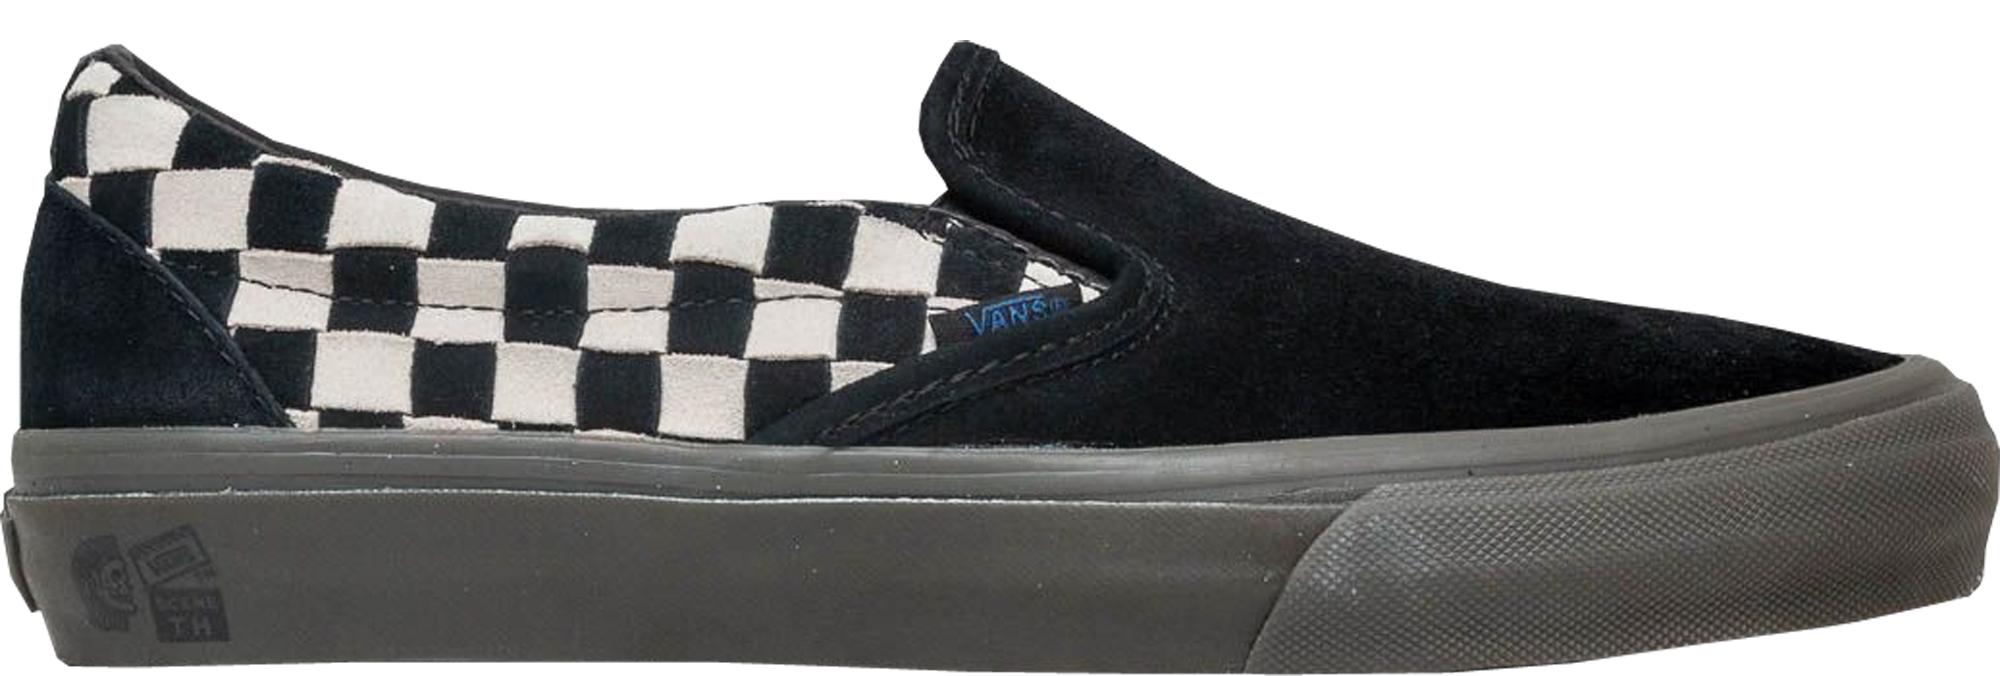 Vans Slip-On Taka Hayashi Checkerboard